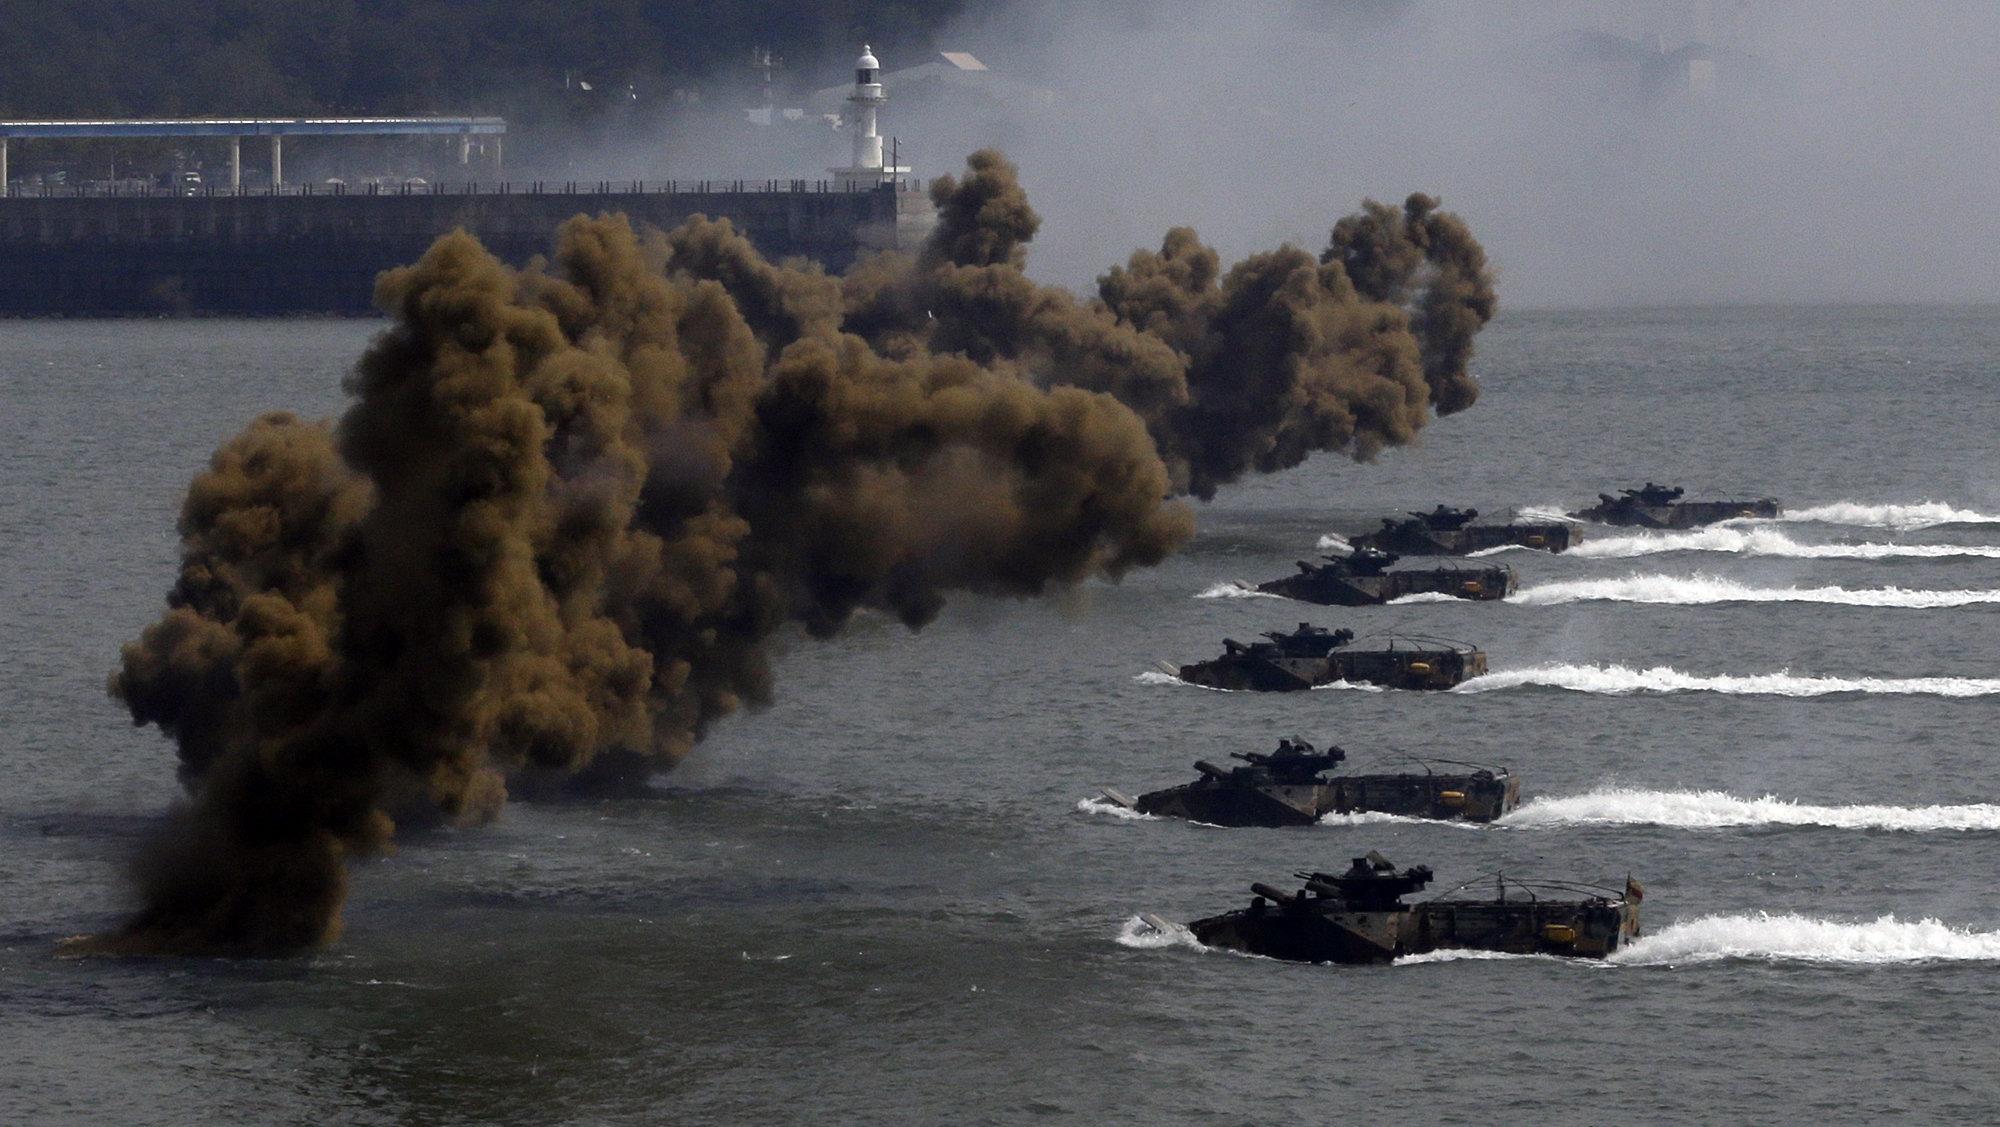 Embarcaciones de Corea del Sur se abren camino para llegar a las costas a través de las cortinas de humo durante la 62ª ceremonia de conmemoración de operaciones de desembarco de Incheon en 2012